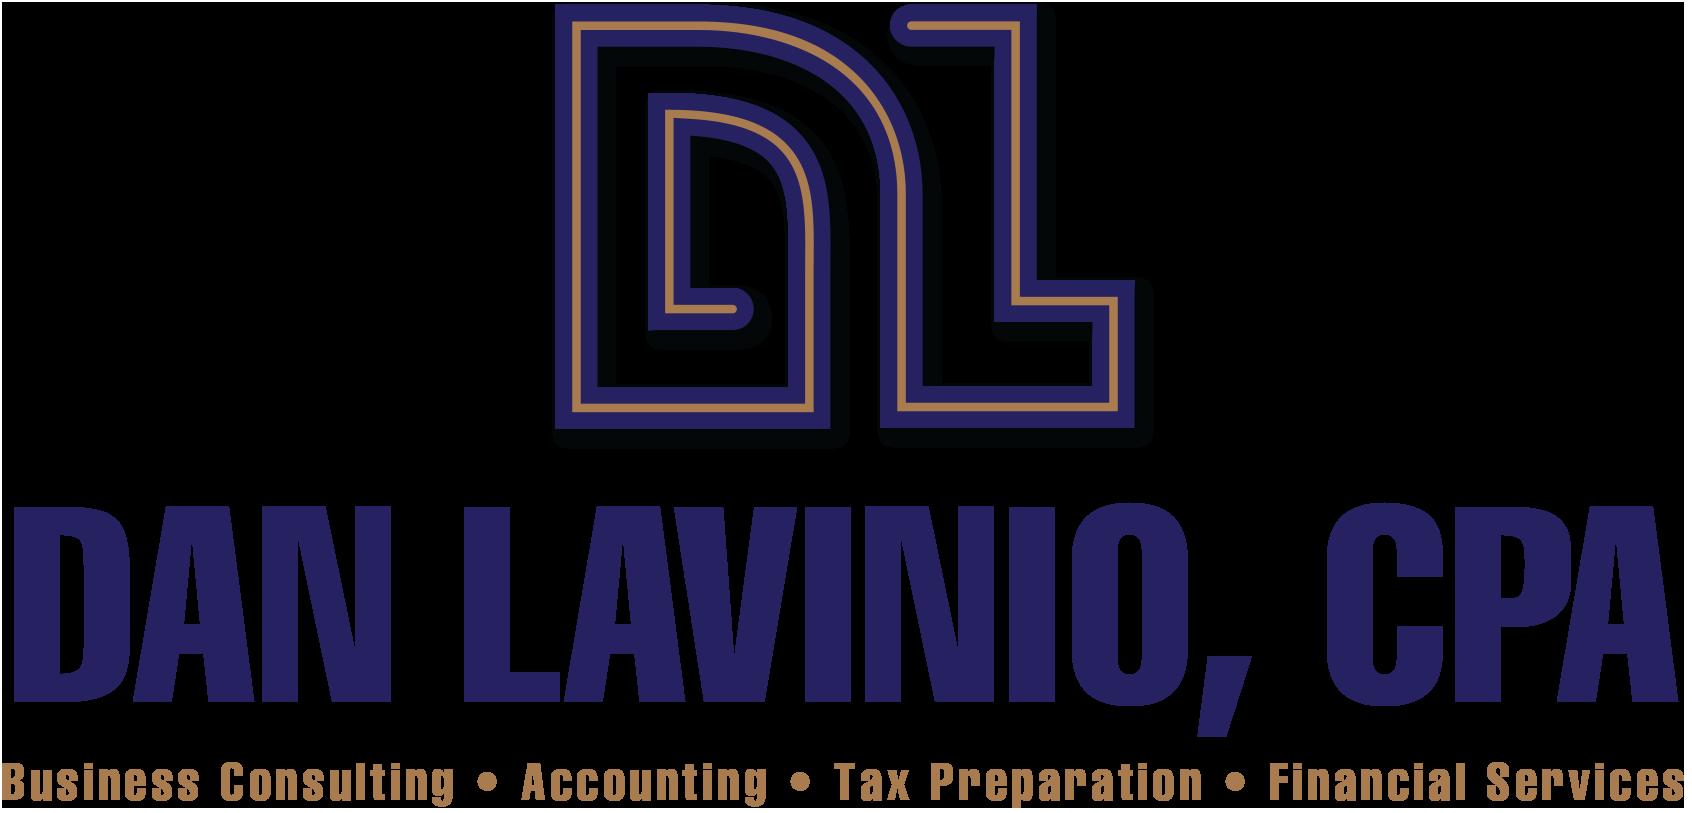 Lavinio CPA